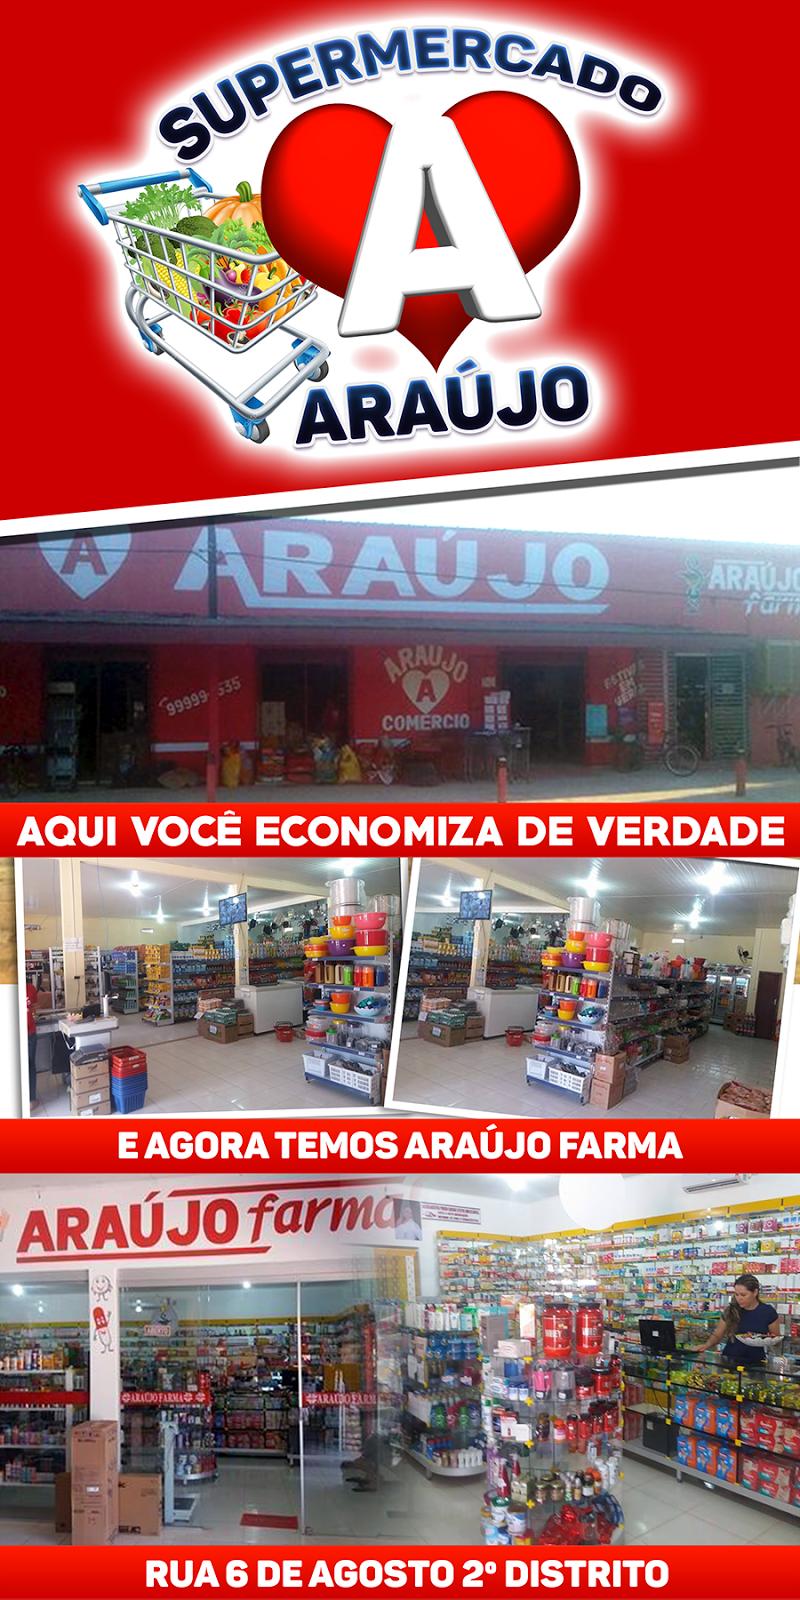 Supermercado Araújo & Araújo Farma